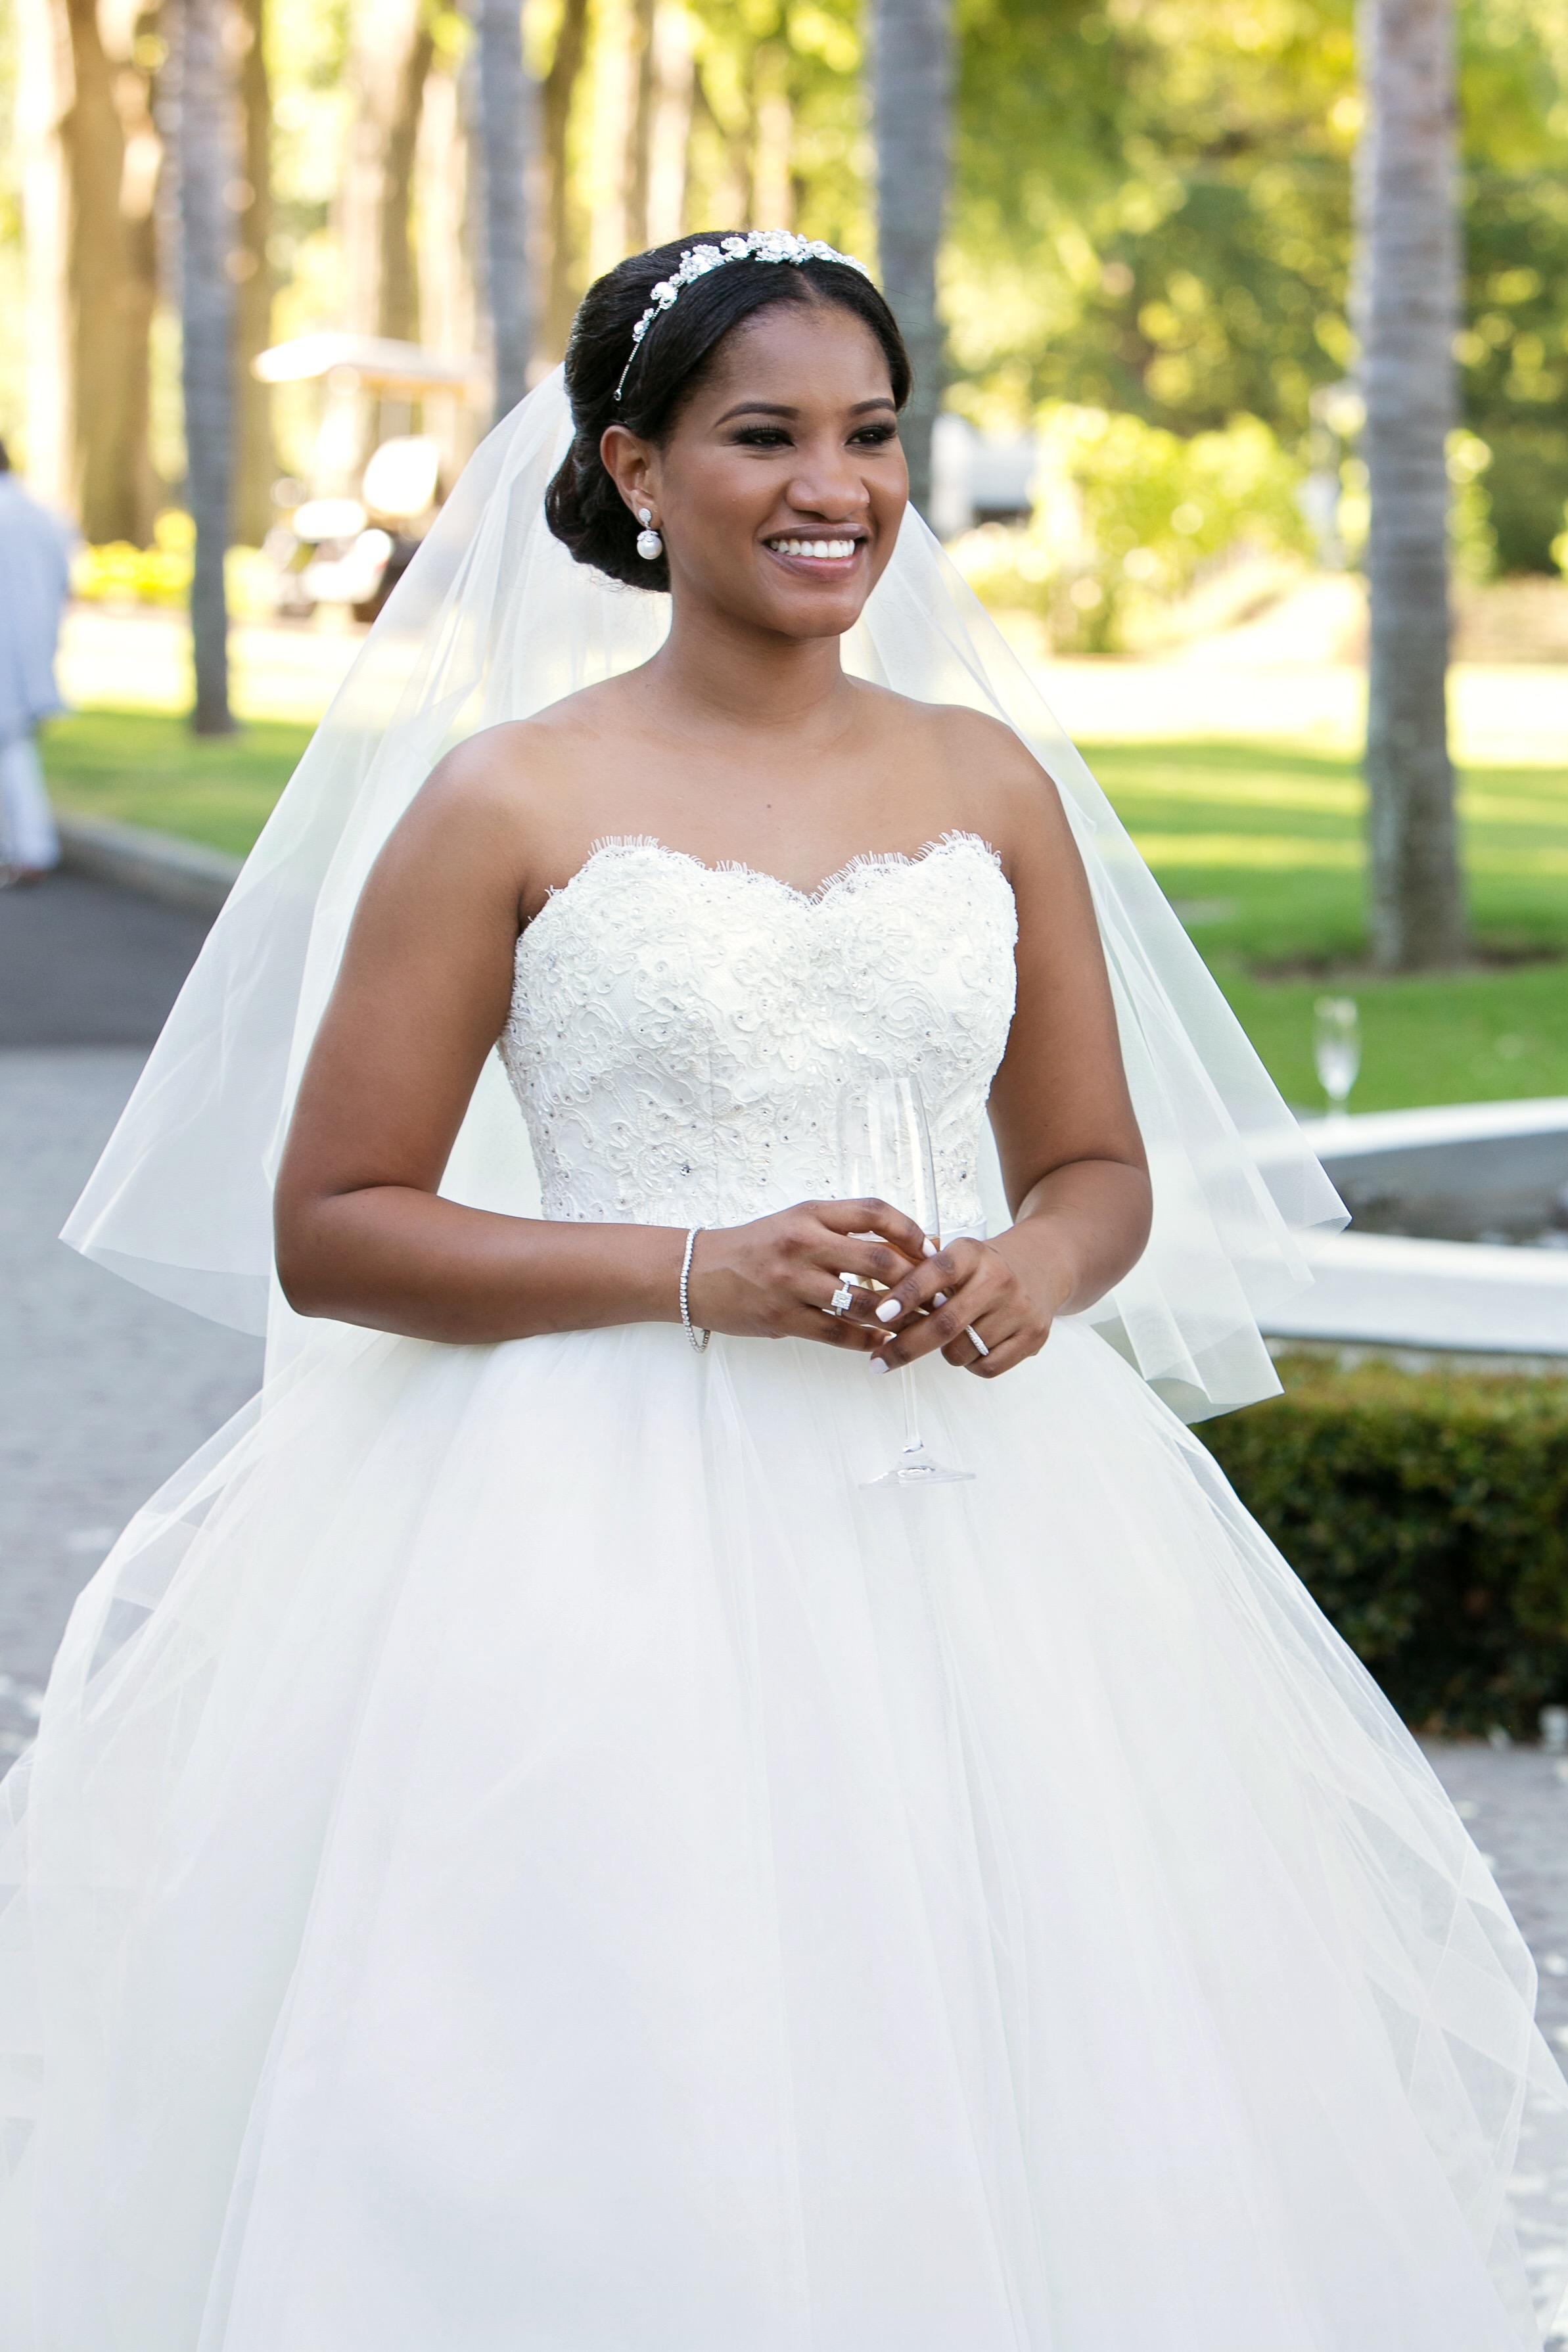 Kosibah Real Bride Funmilayo Destination Venice Italy